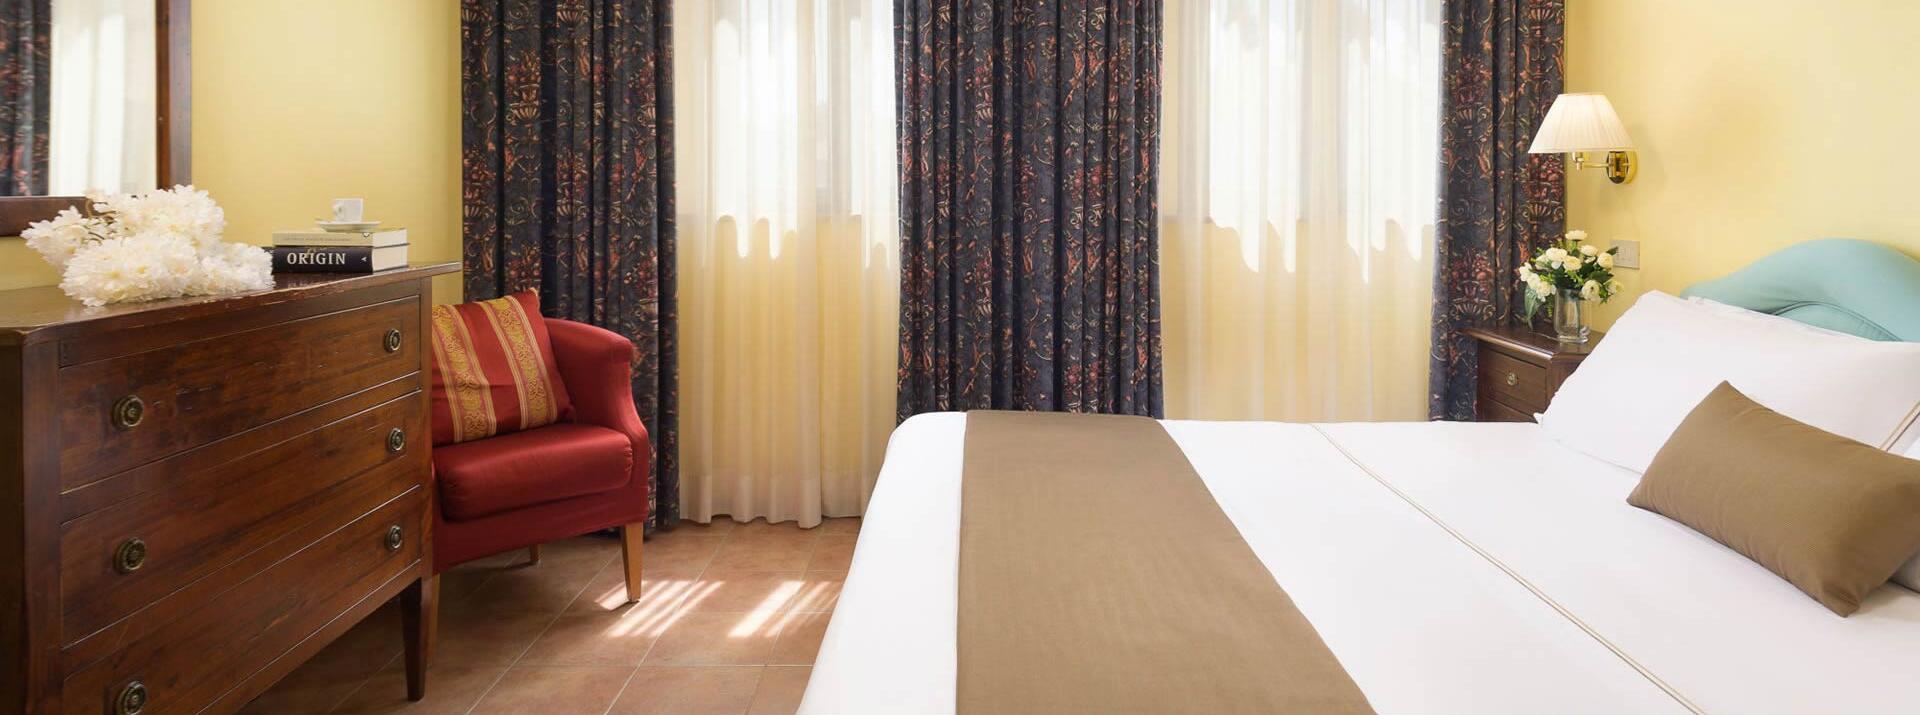 hotelsangregorio it dormire-a-pienza 004